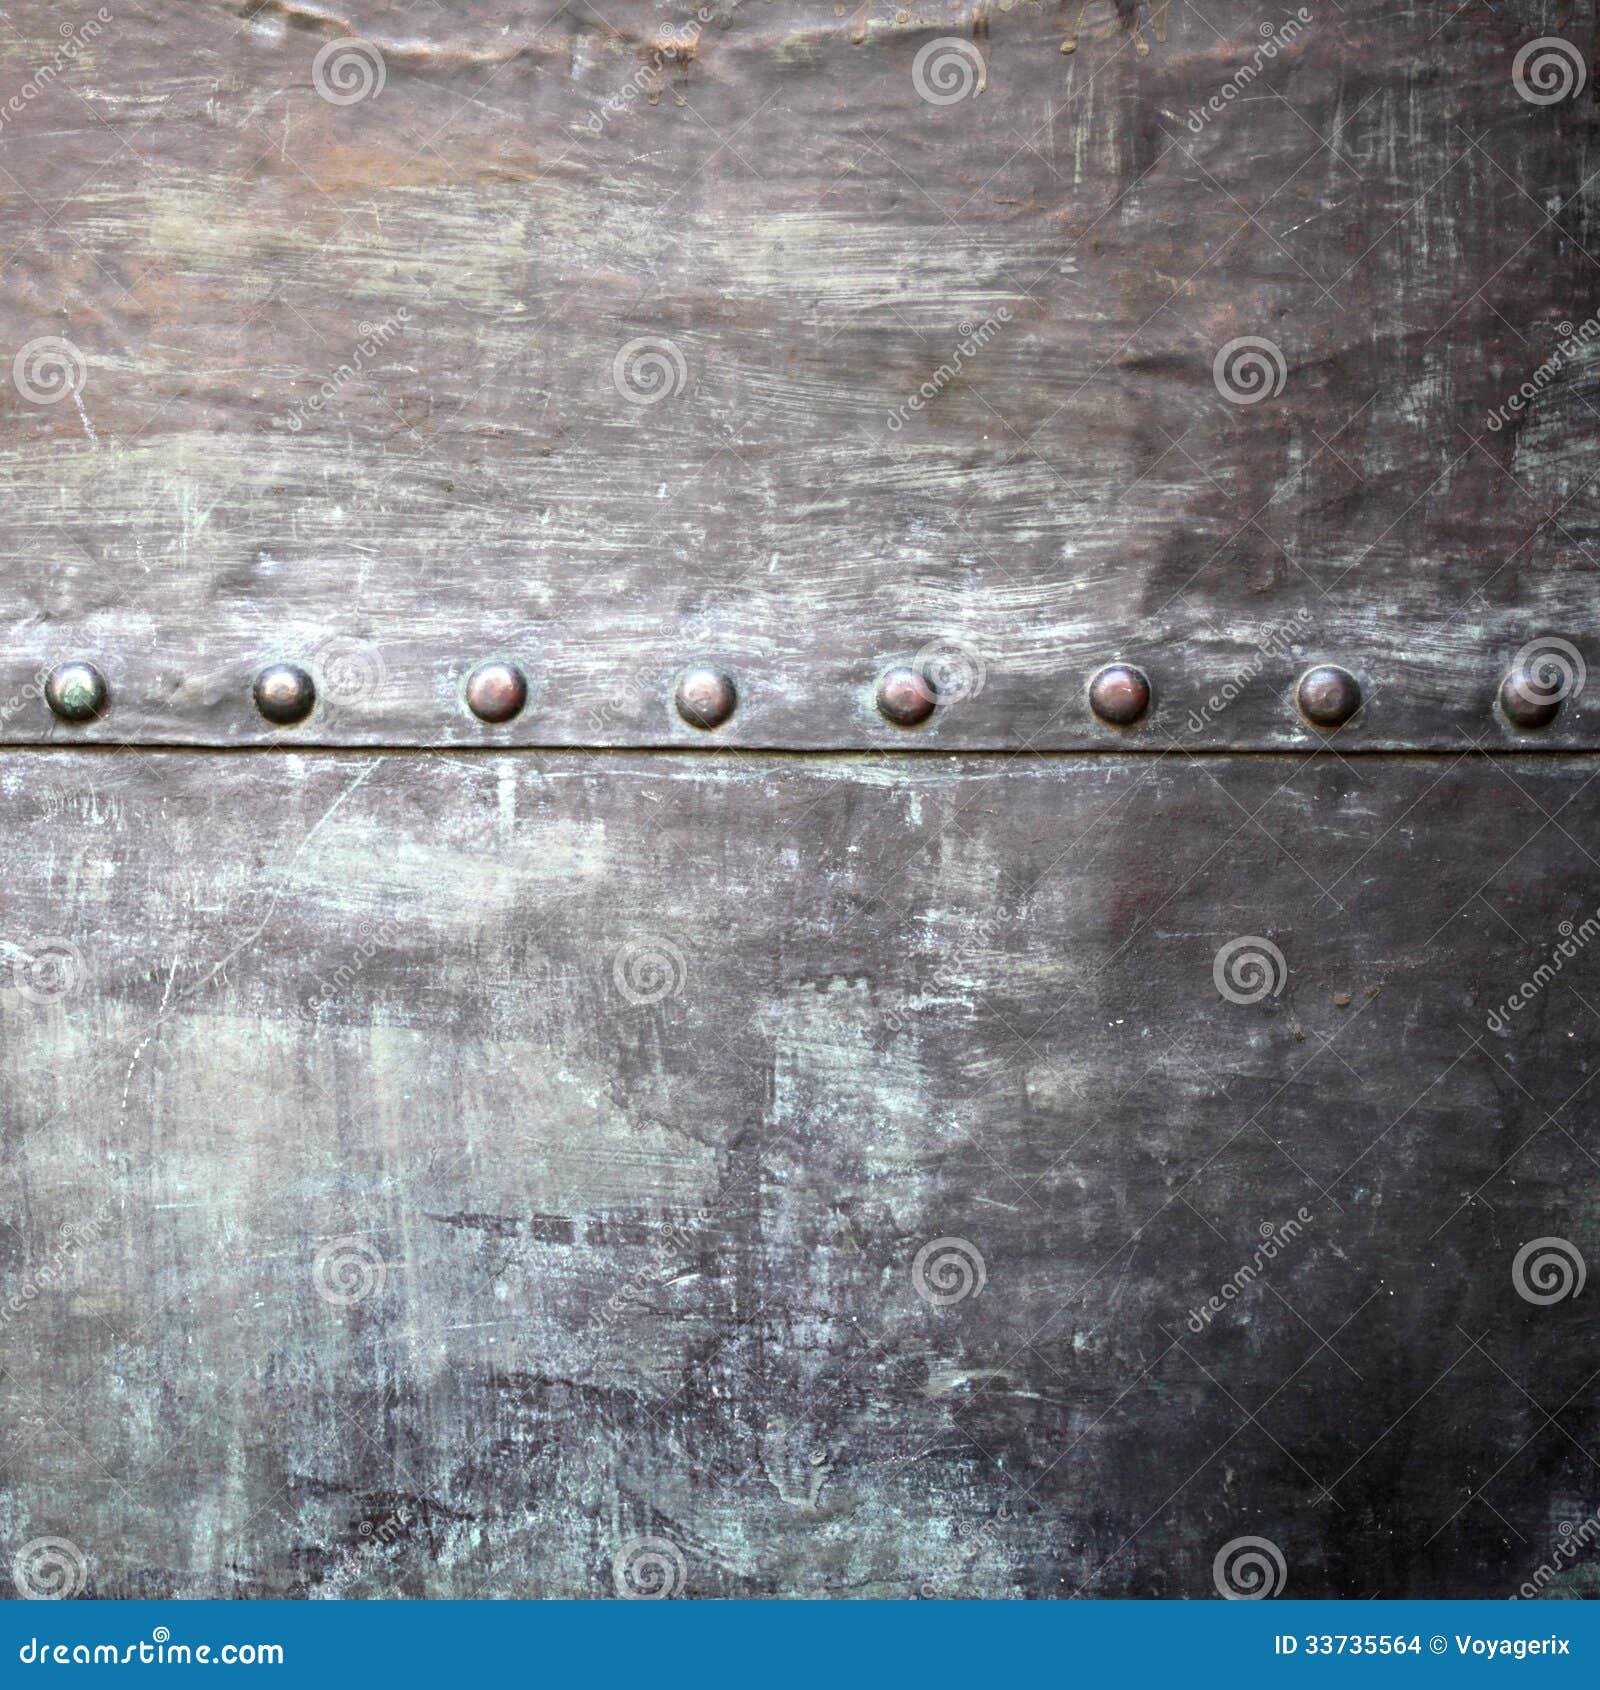 Черная текстура металлической пластины или панцыря с заклепками